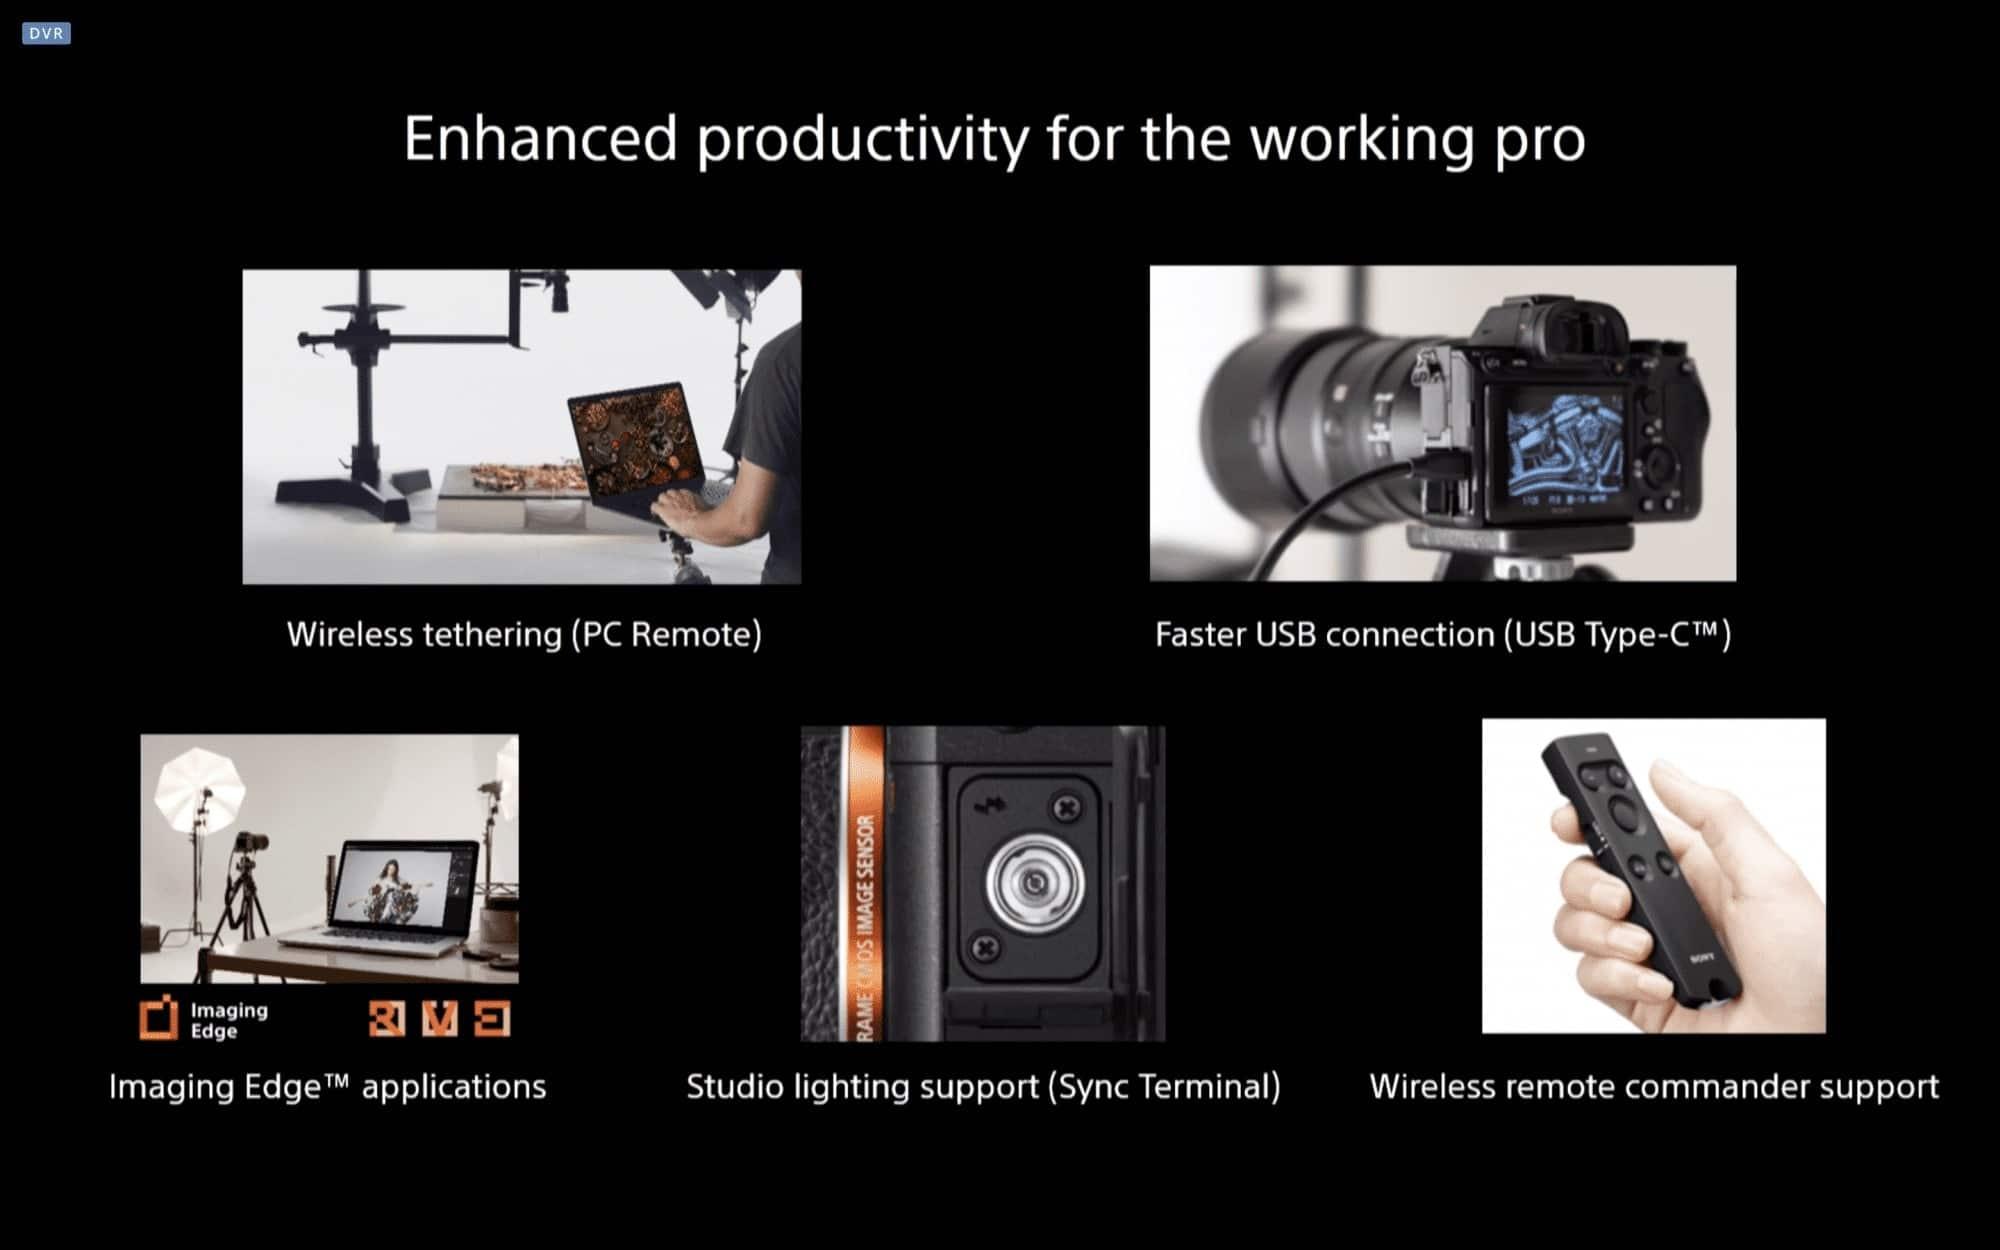 - พี่หมีปล่อยของ เปิดตัว Sony a7R IV กล้อง Full-Frame Mirrorless ความละเอียด 61 MP รุ่นแรกของโลก